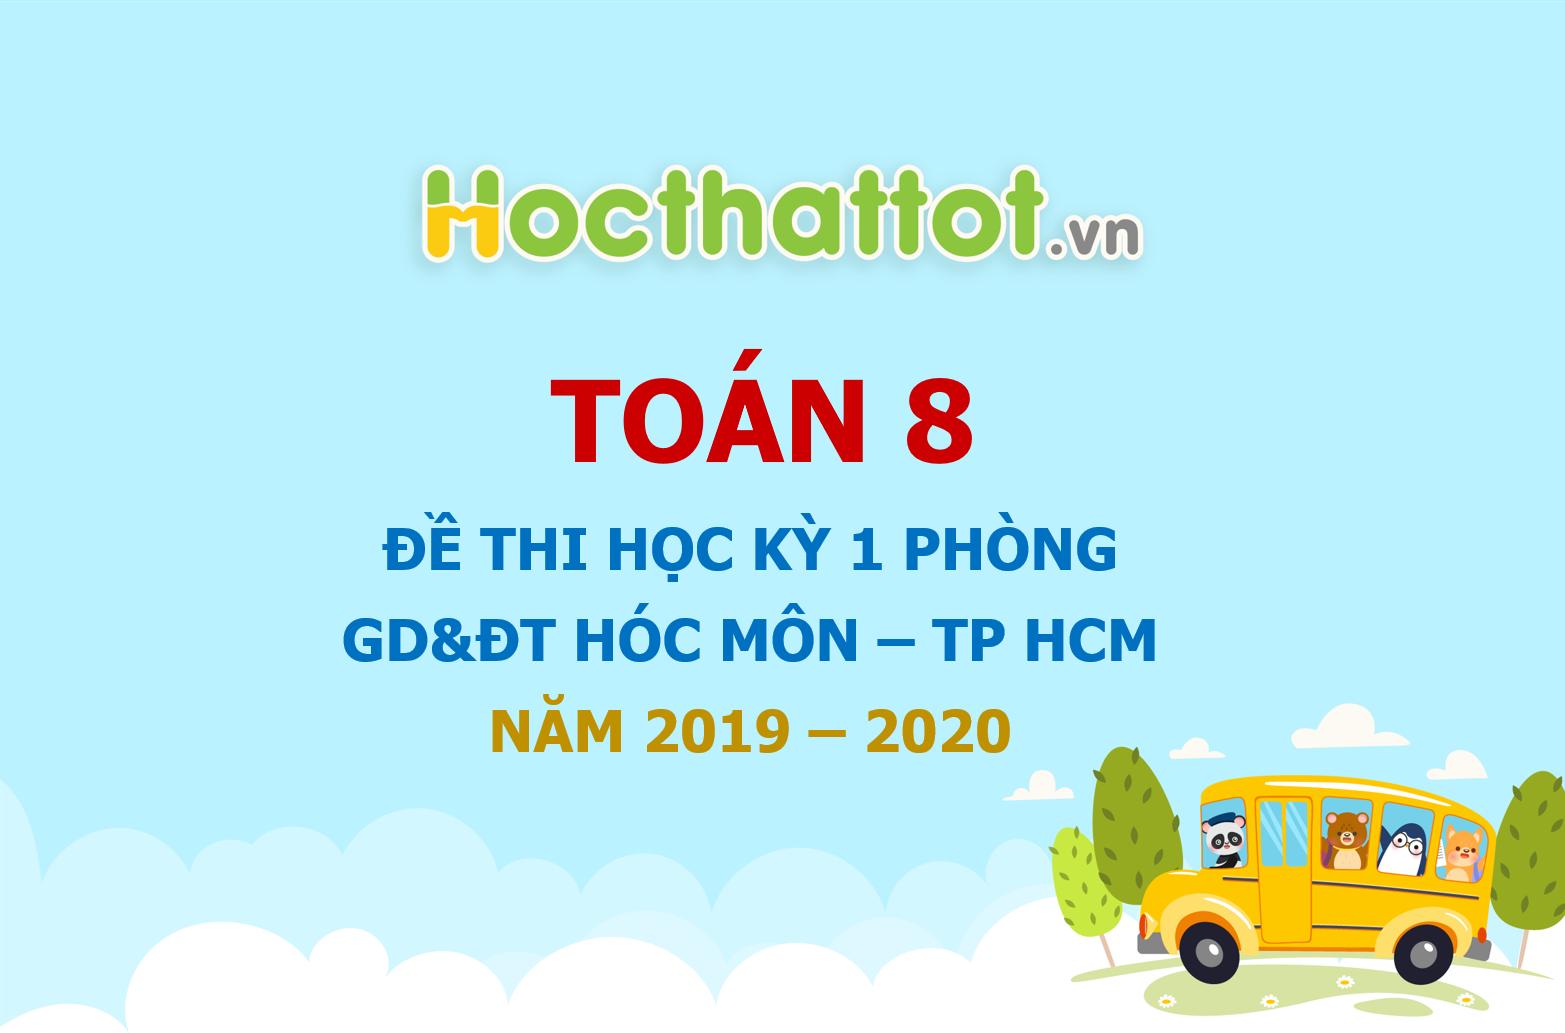 de-thi-hoc-ky-1-toan-8-nam-2019-2020-phong-gddt-hoc-mon-tp-hcm